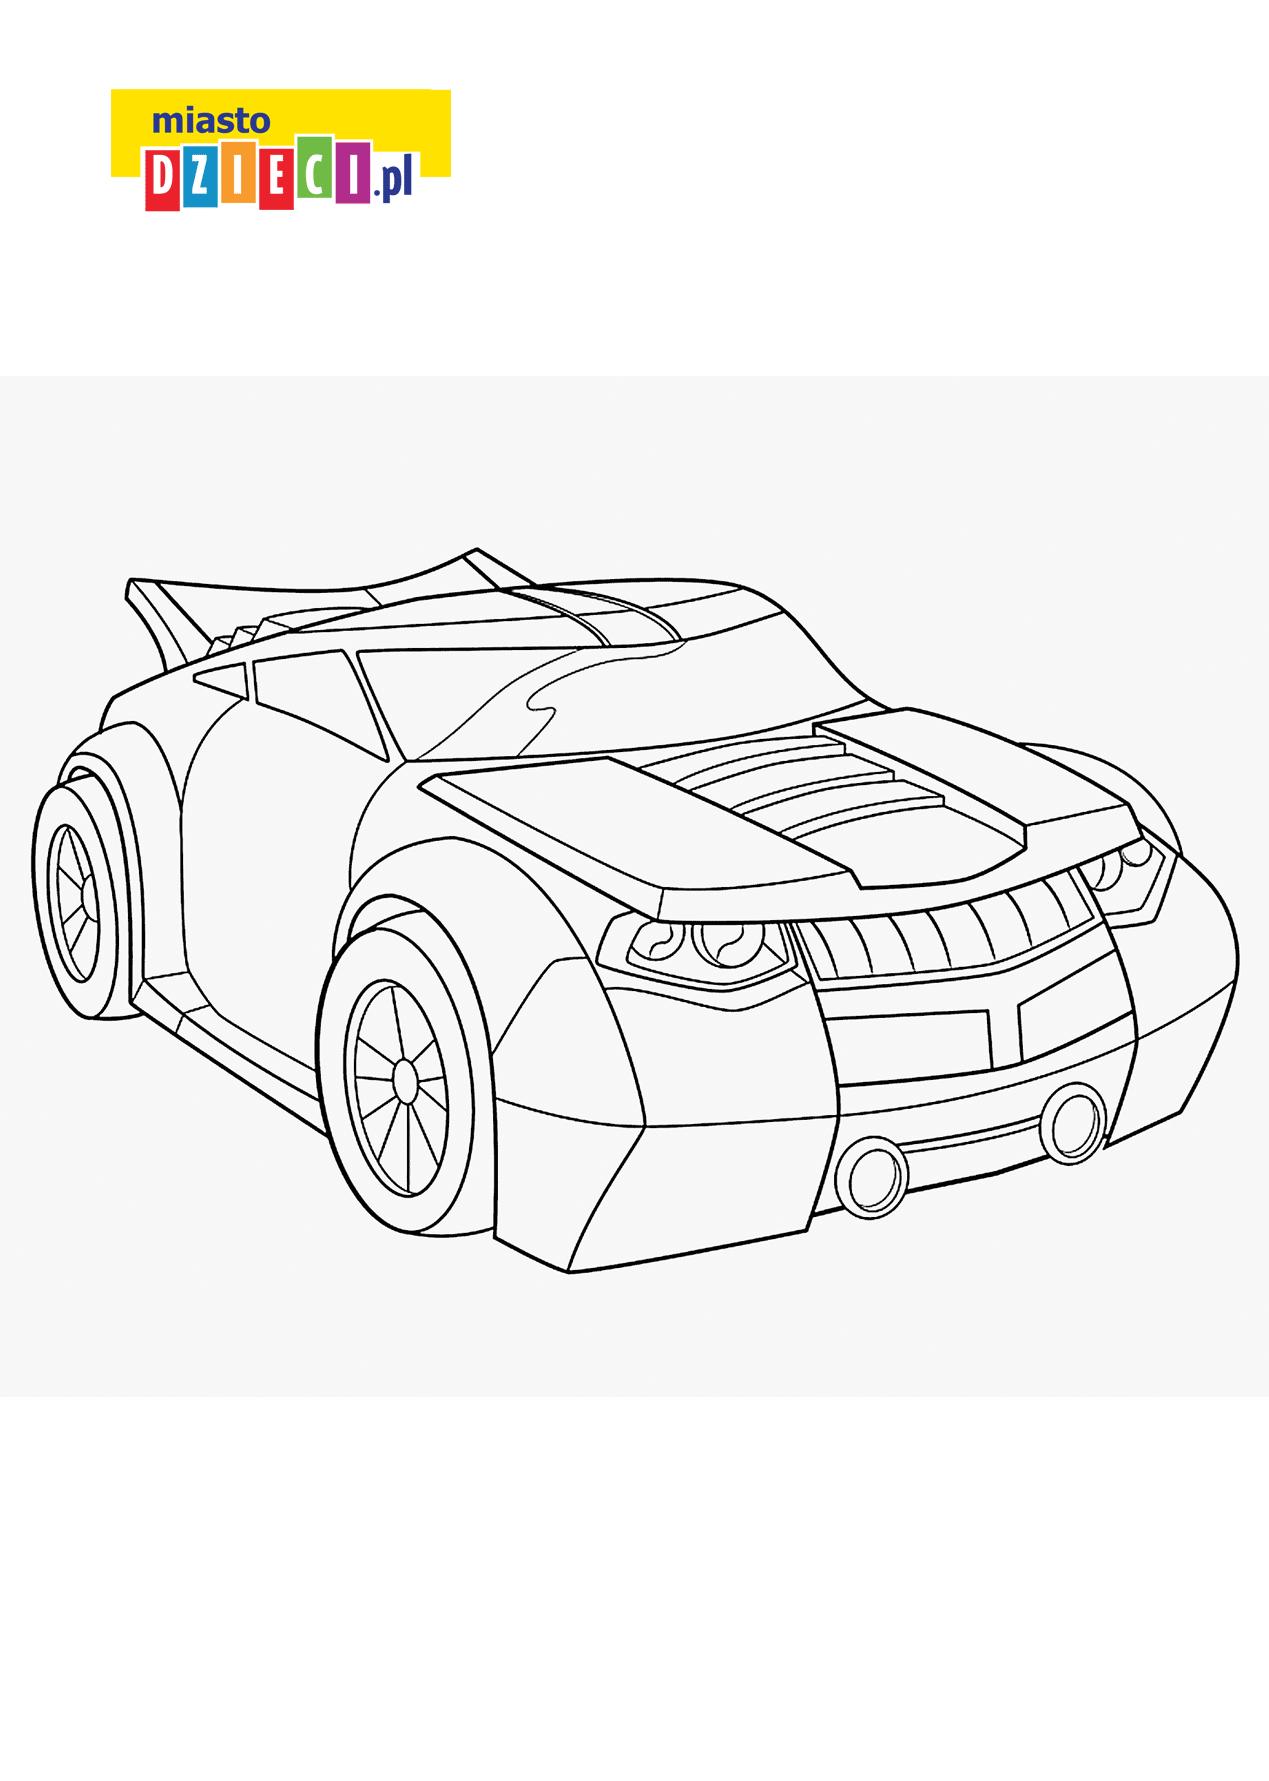 samochód transformers - kolorowanka kolorowanki i szablony do druku dla dzieci MiastoDzieci.pl